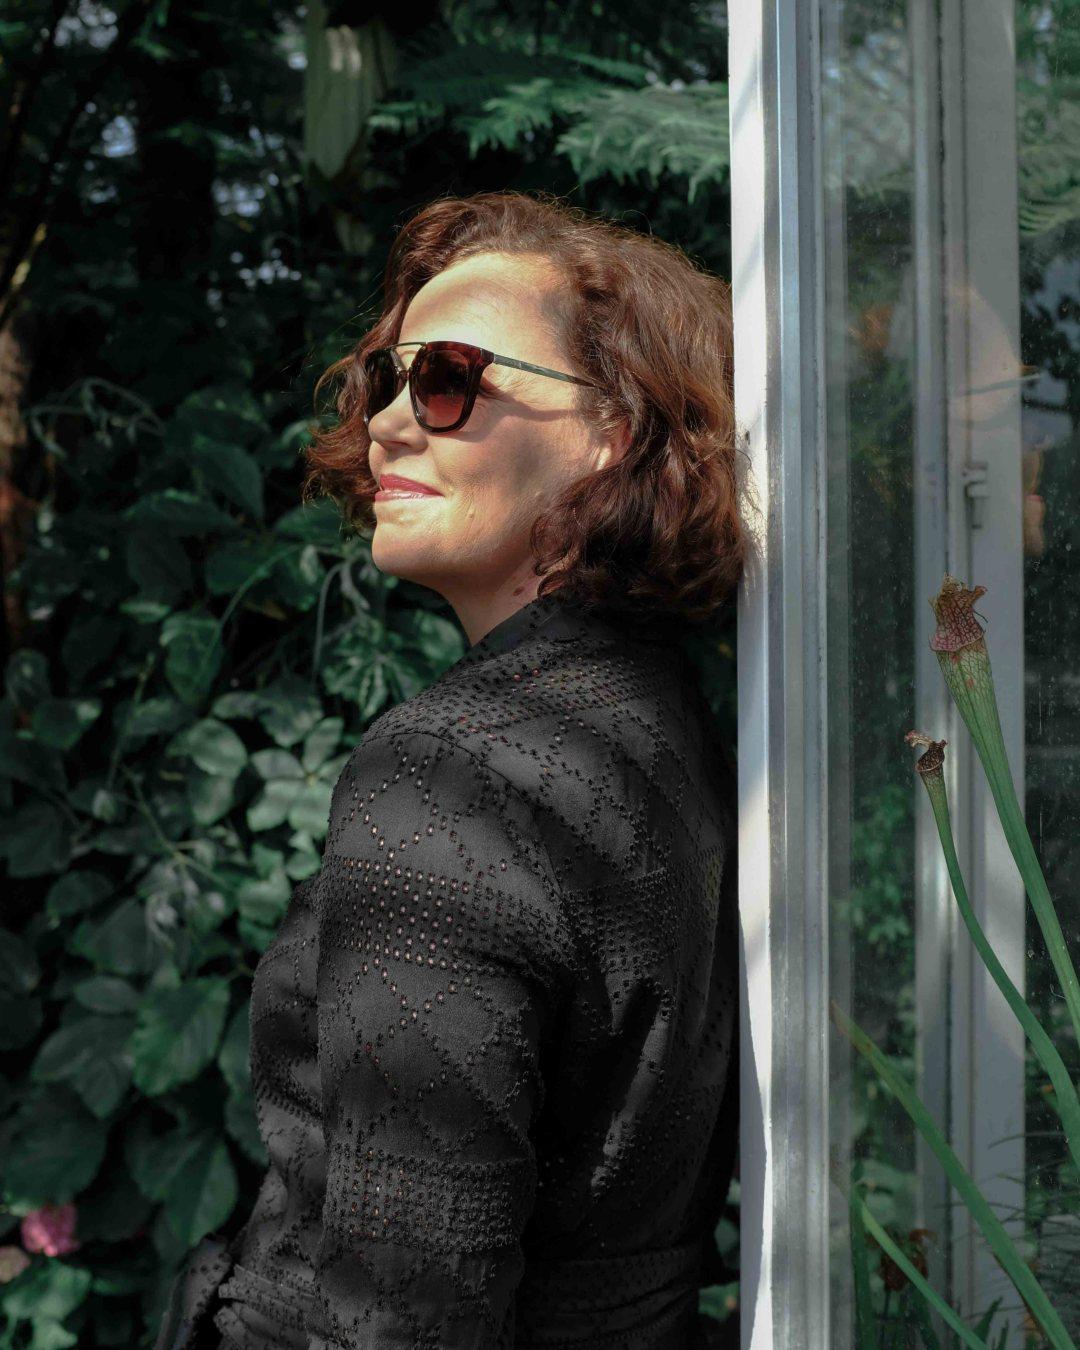 inastil, Ü50Blogger, agelesstyle, Modeberatung, Mode Ü50, Stilberatung, Palmenhaus Schönbrunn, Wien, Sommerkleid, Marc Aurel, Sommermode-8